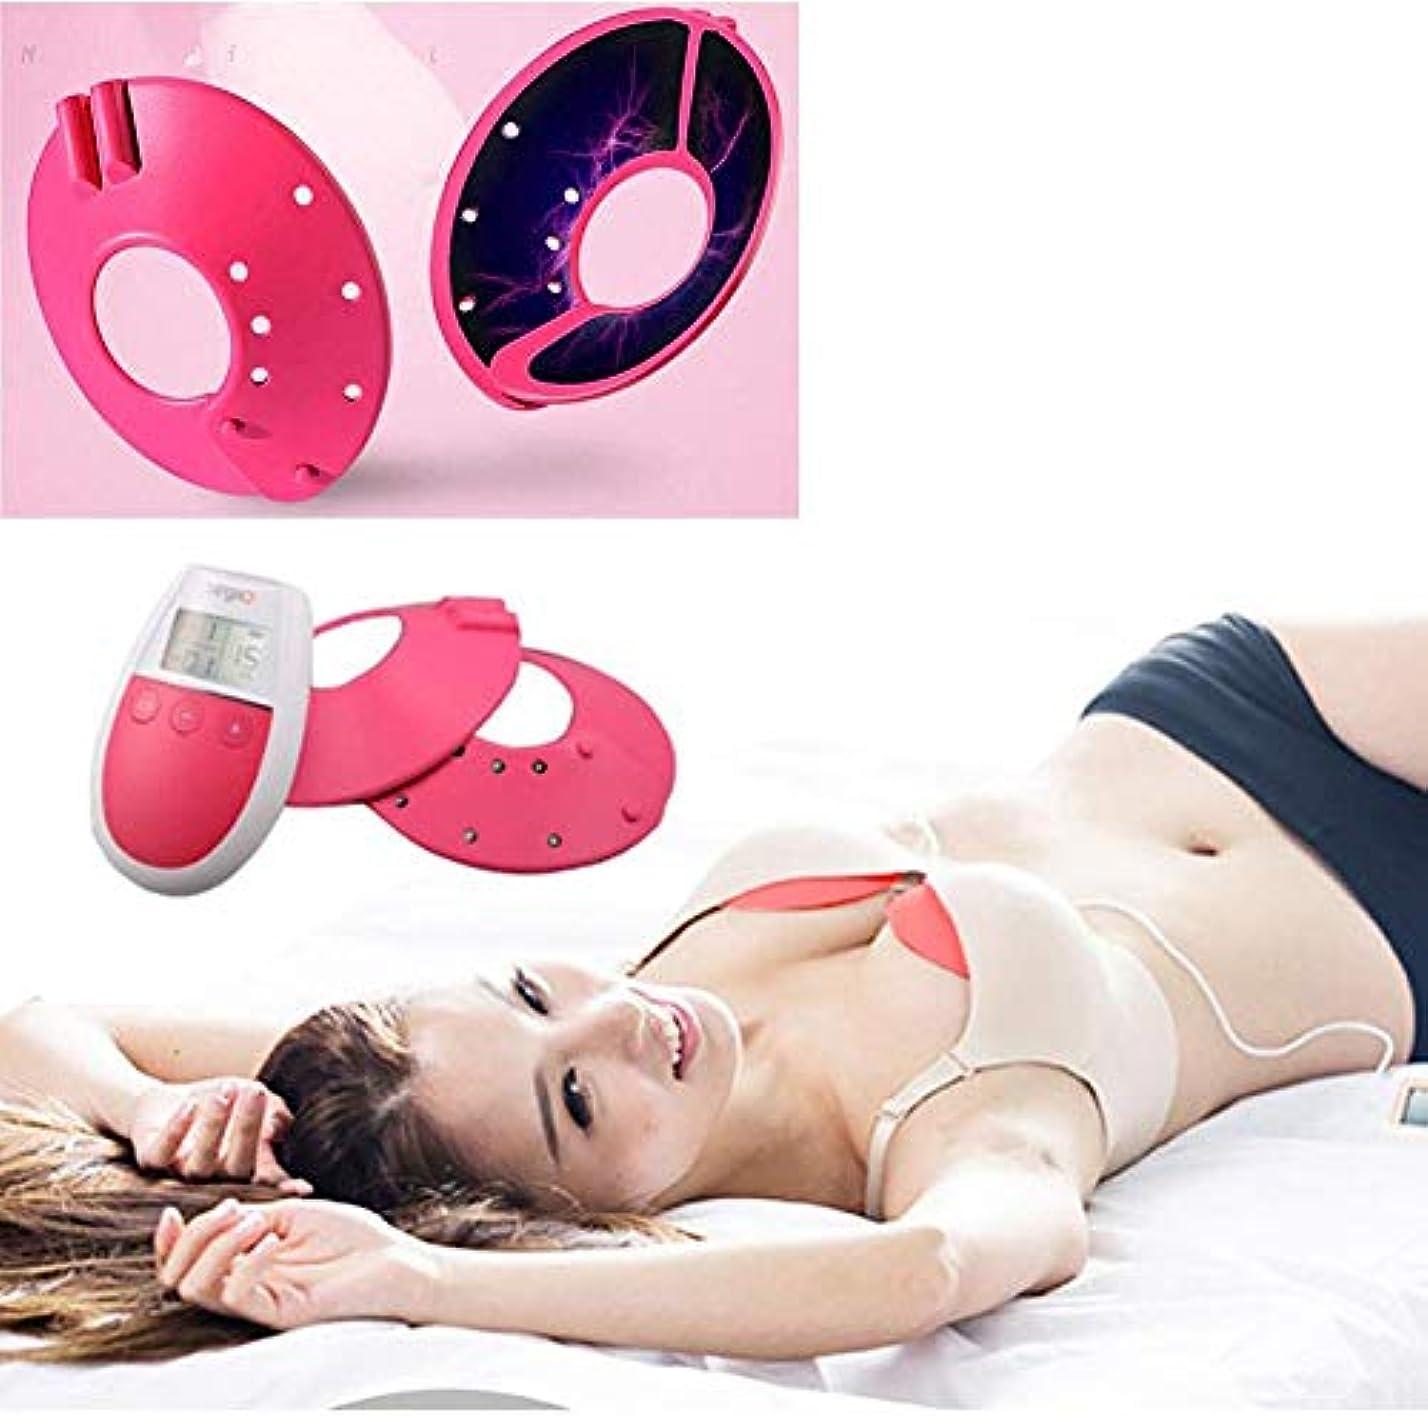 苦行バンカー委任する胸部マッサージャー、電動胸部Dr乳腺過形成乳房増強理学療法器具乳房マッサージャー,ピンク